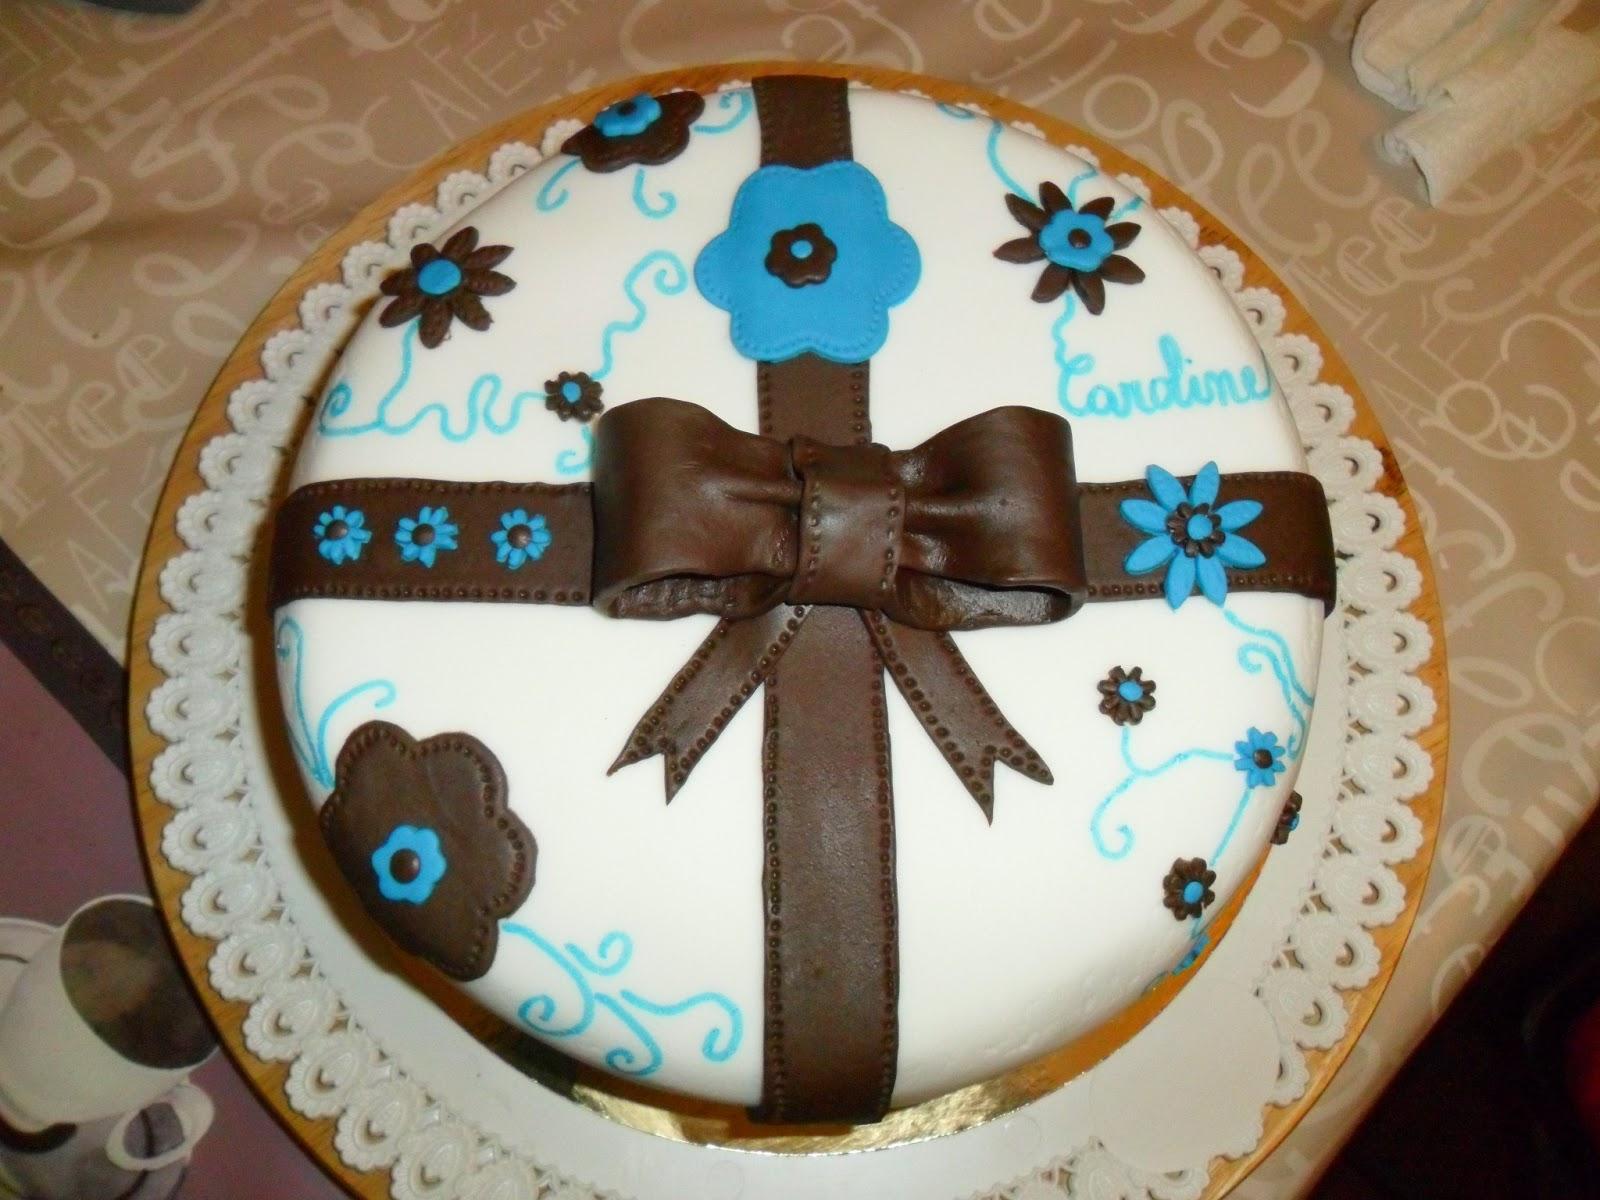 Delicious Sugar: Gâteau Anniversaire 40 Ans dedans Dessin Gateau Anniversaire 40 Ans